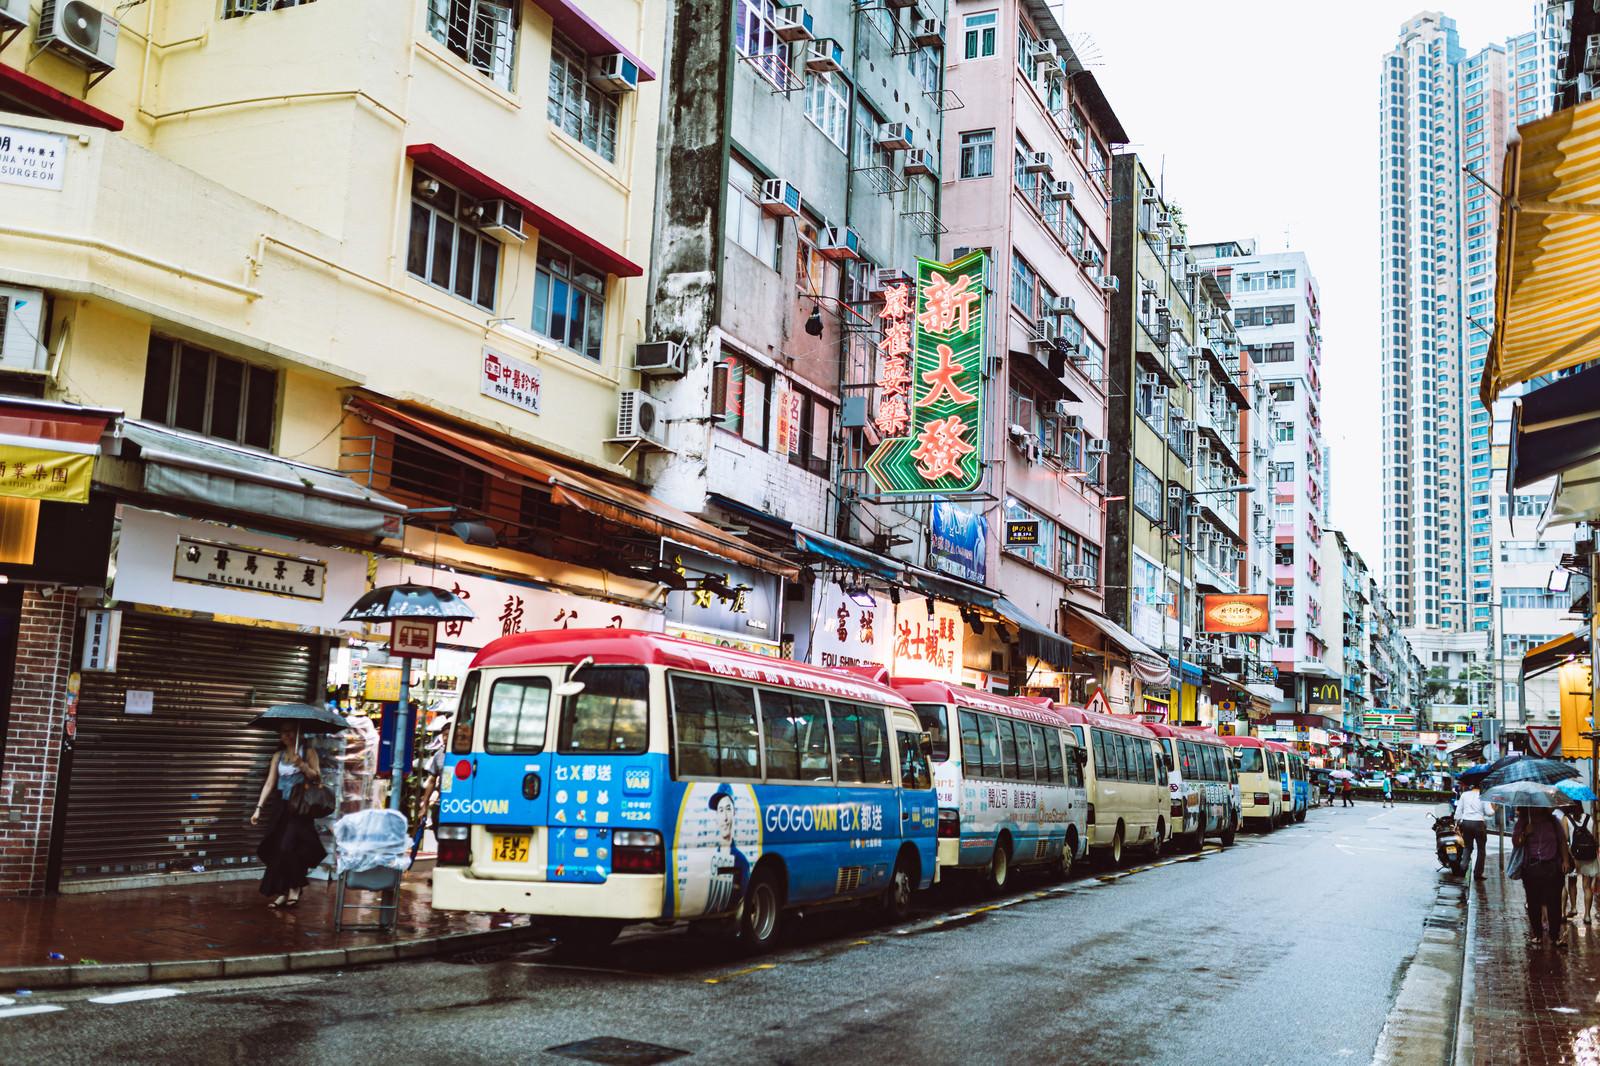 「路駐するバスと雑多な街並み(香港)」の写真